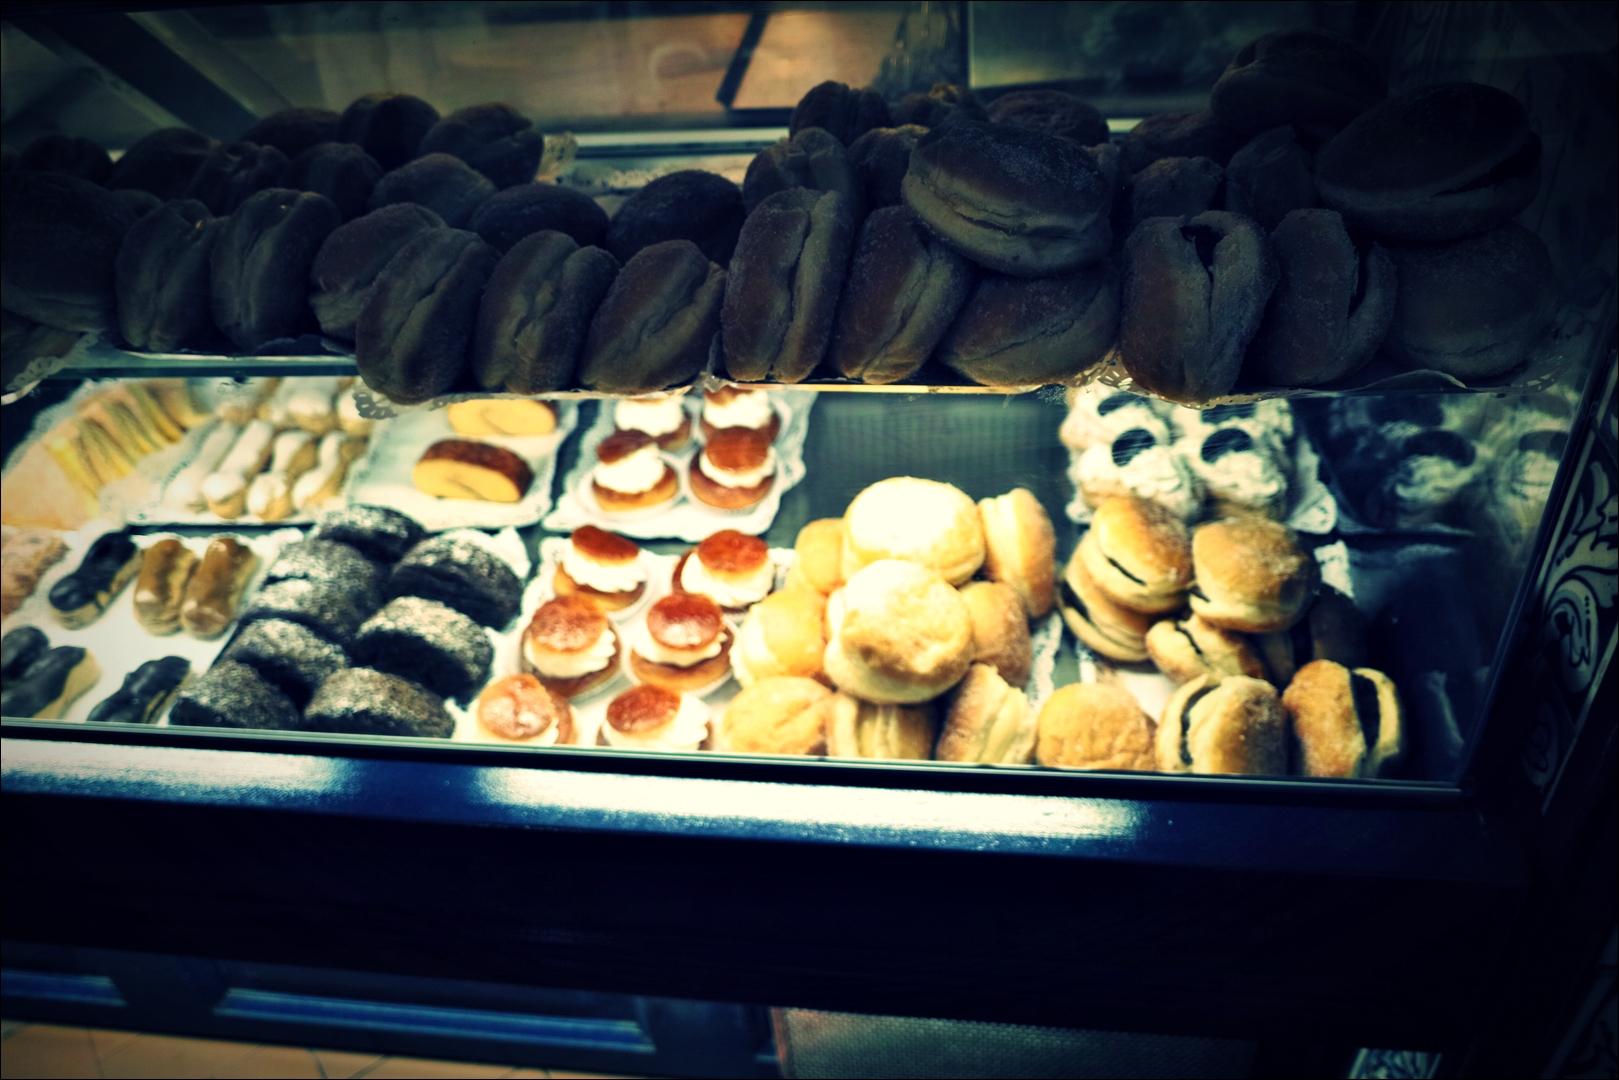 빵-'파스테이스 드 벨렘'